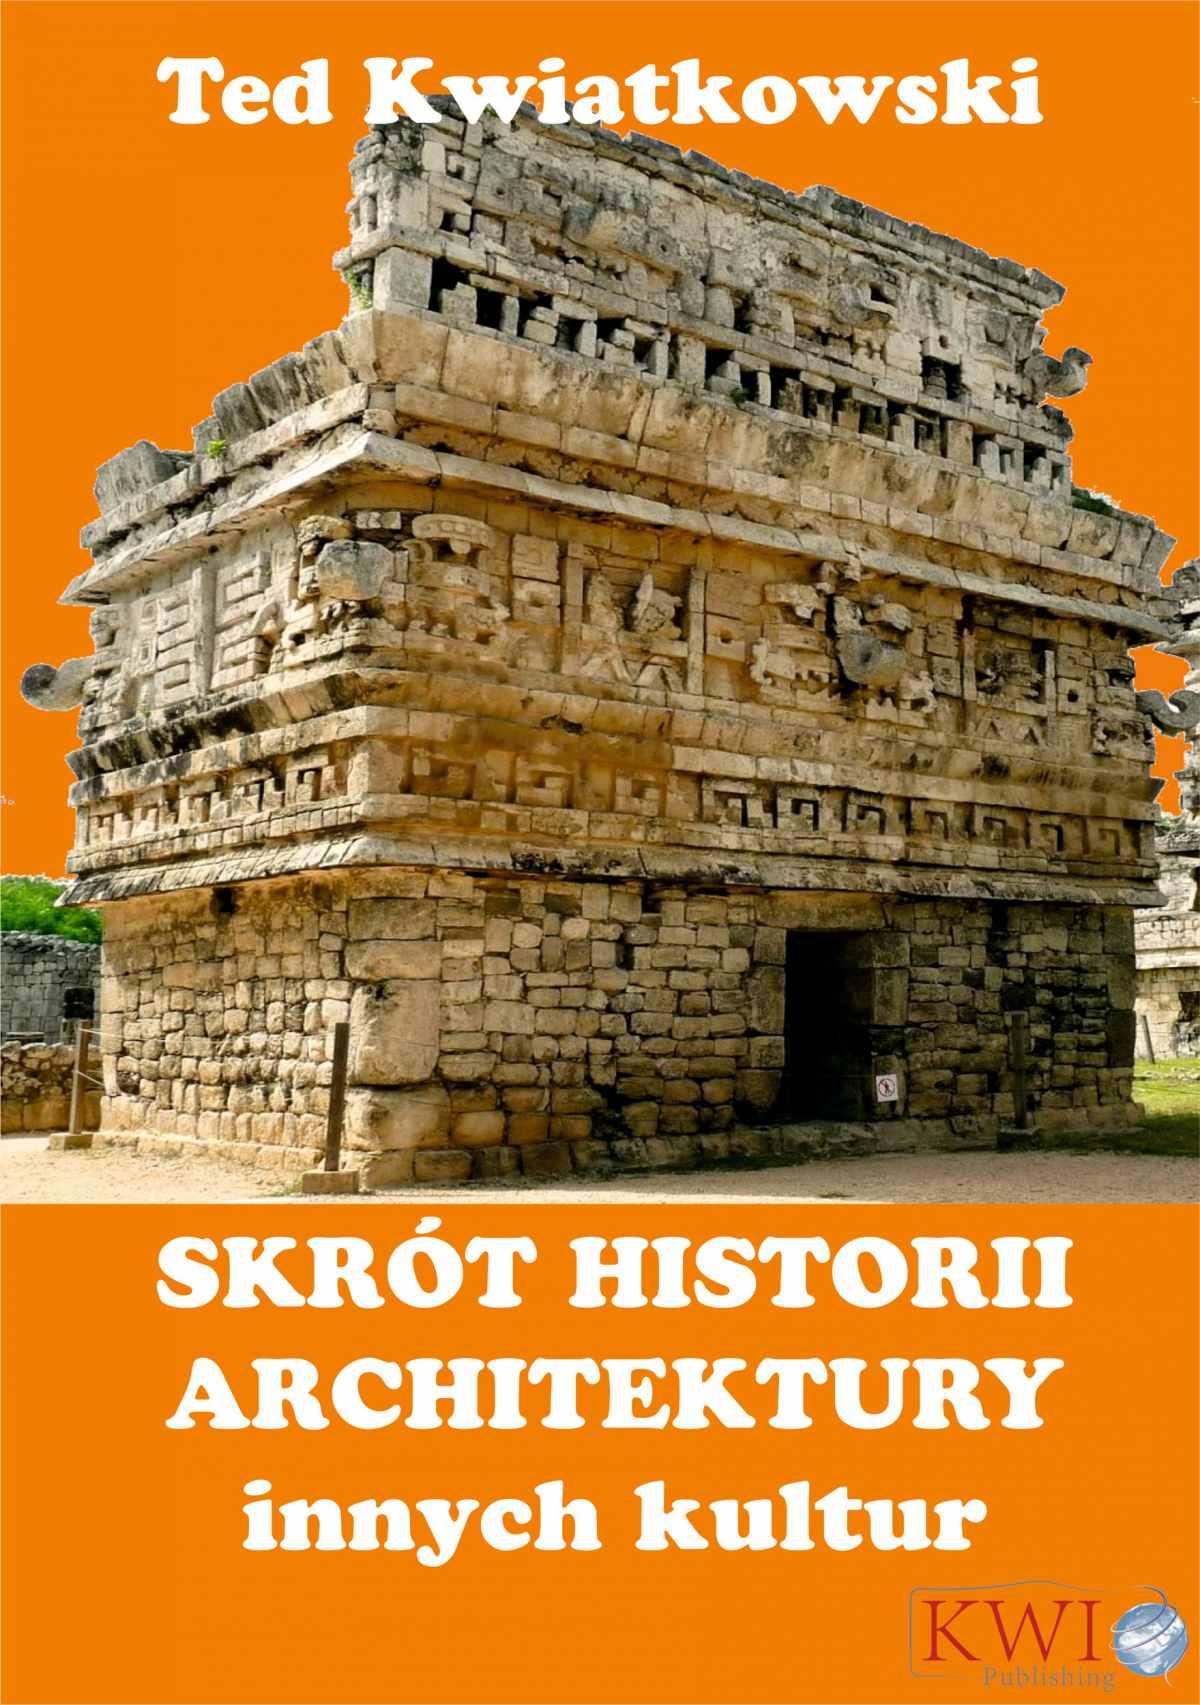 Skrót historii architektury innych kultur - Ebook (Książka EPUB) do pobrania w formacie EPUB